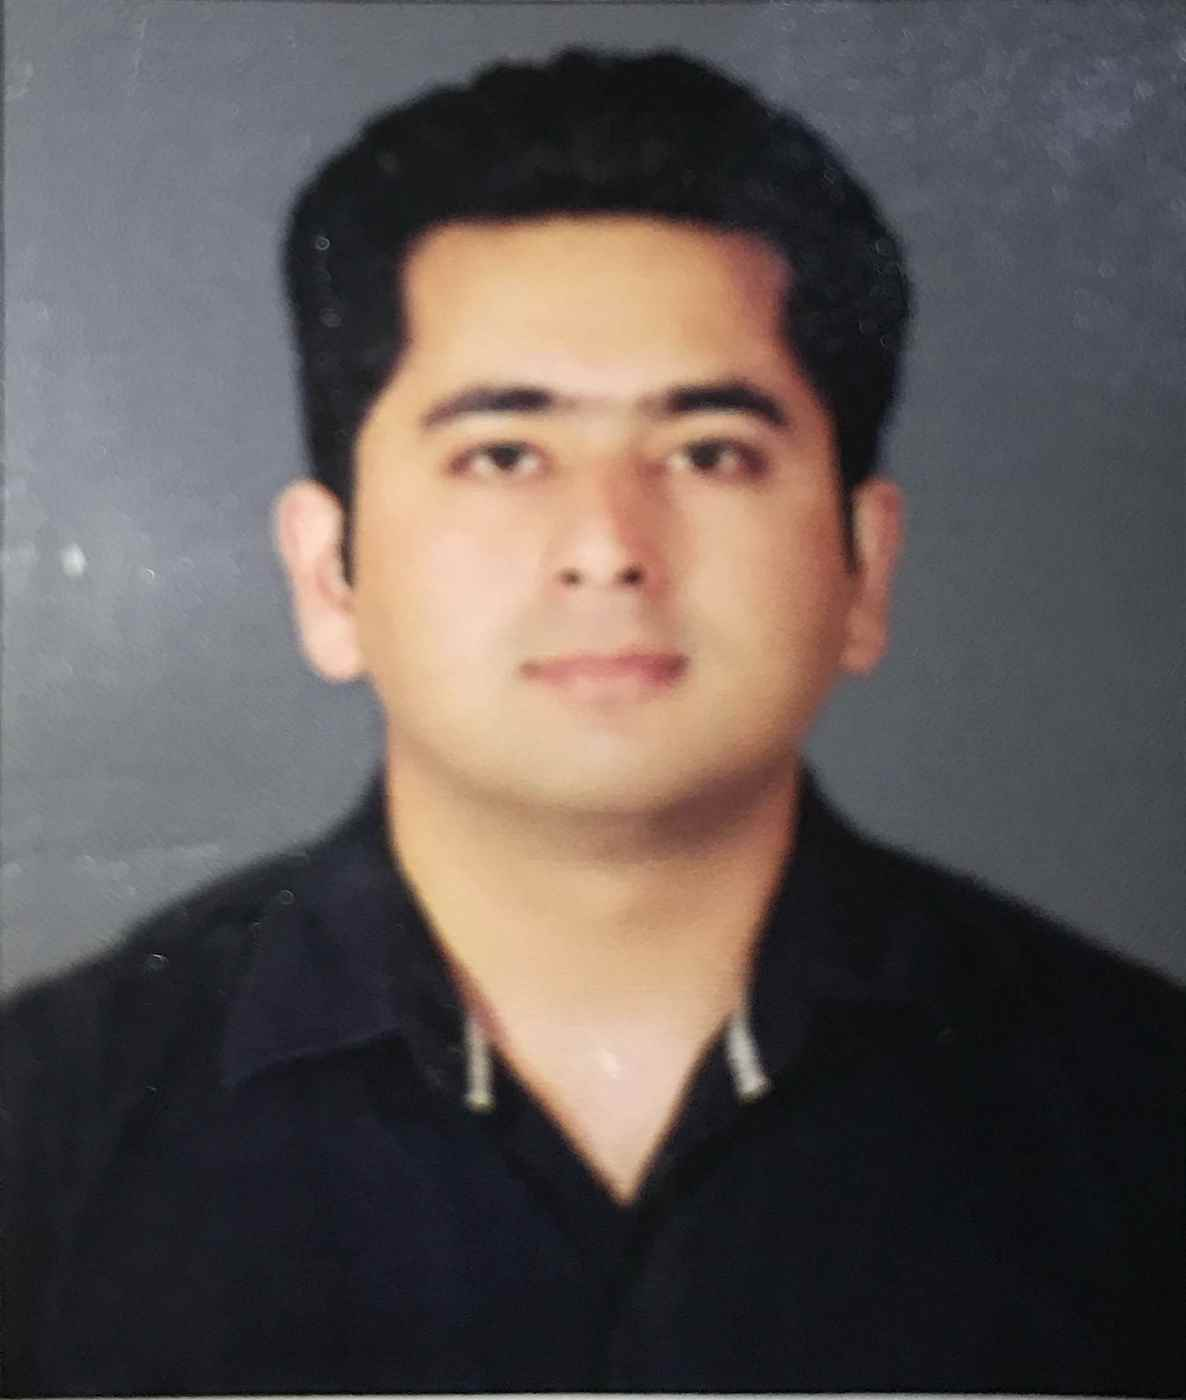 CS. Akhilesh Tangri